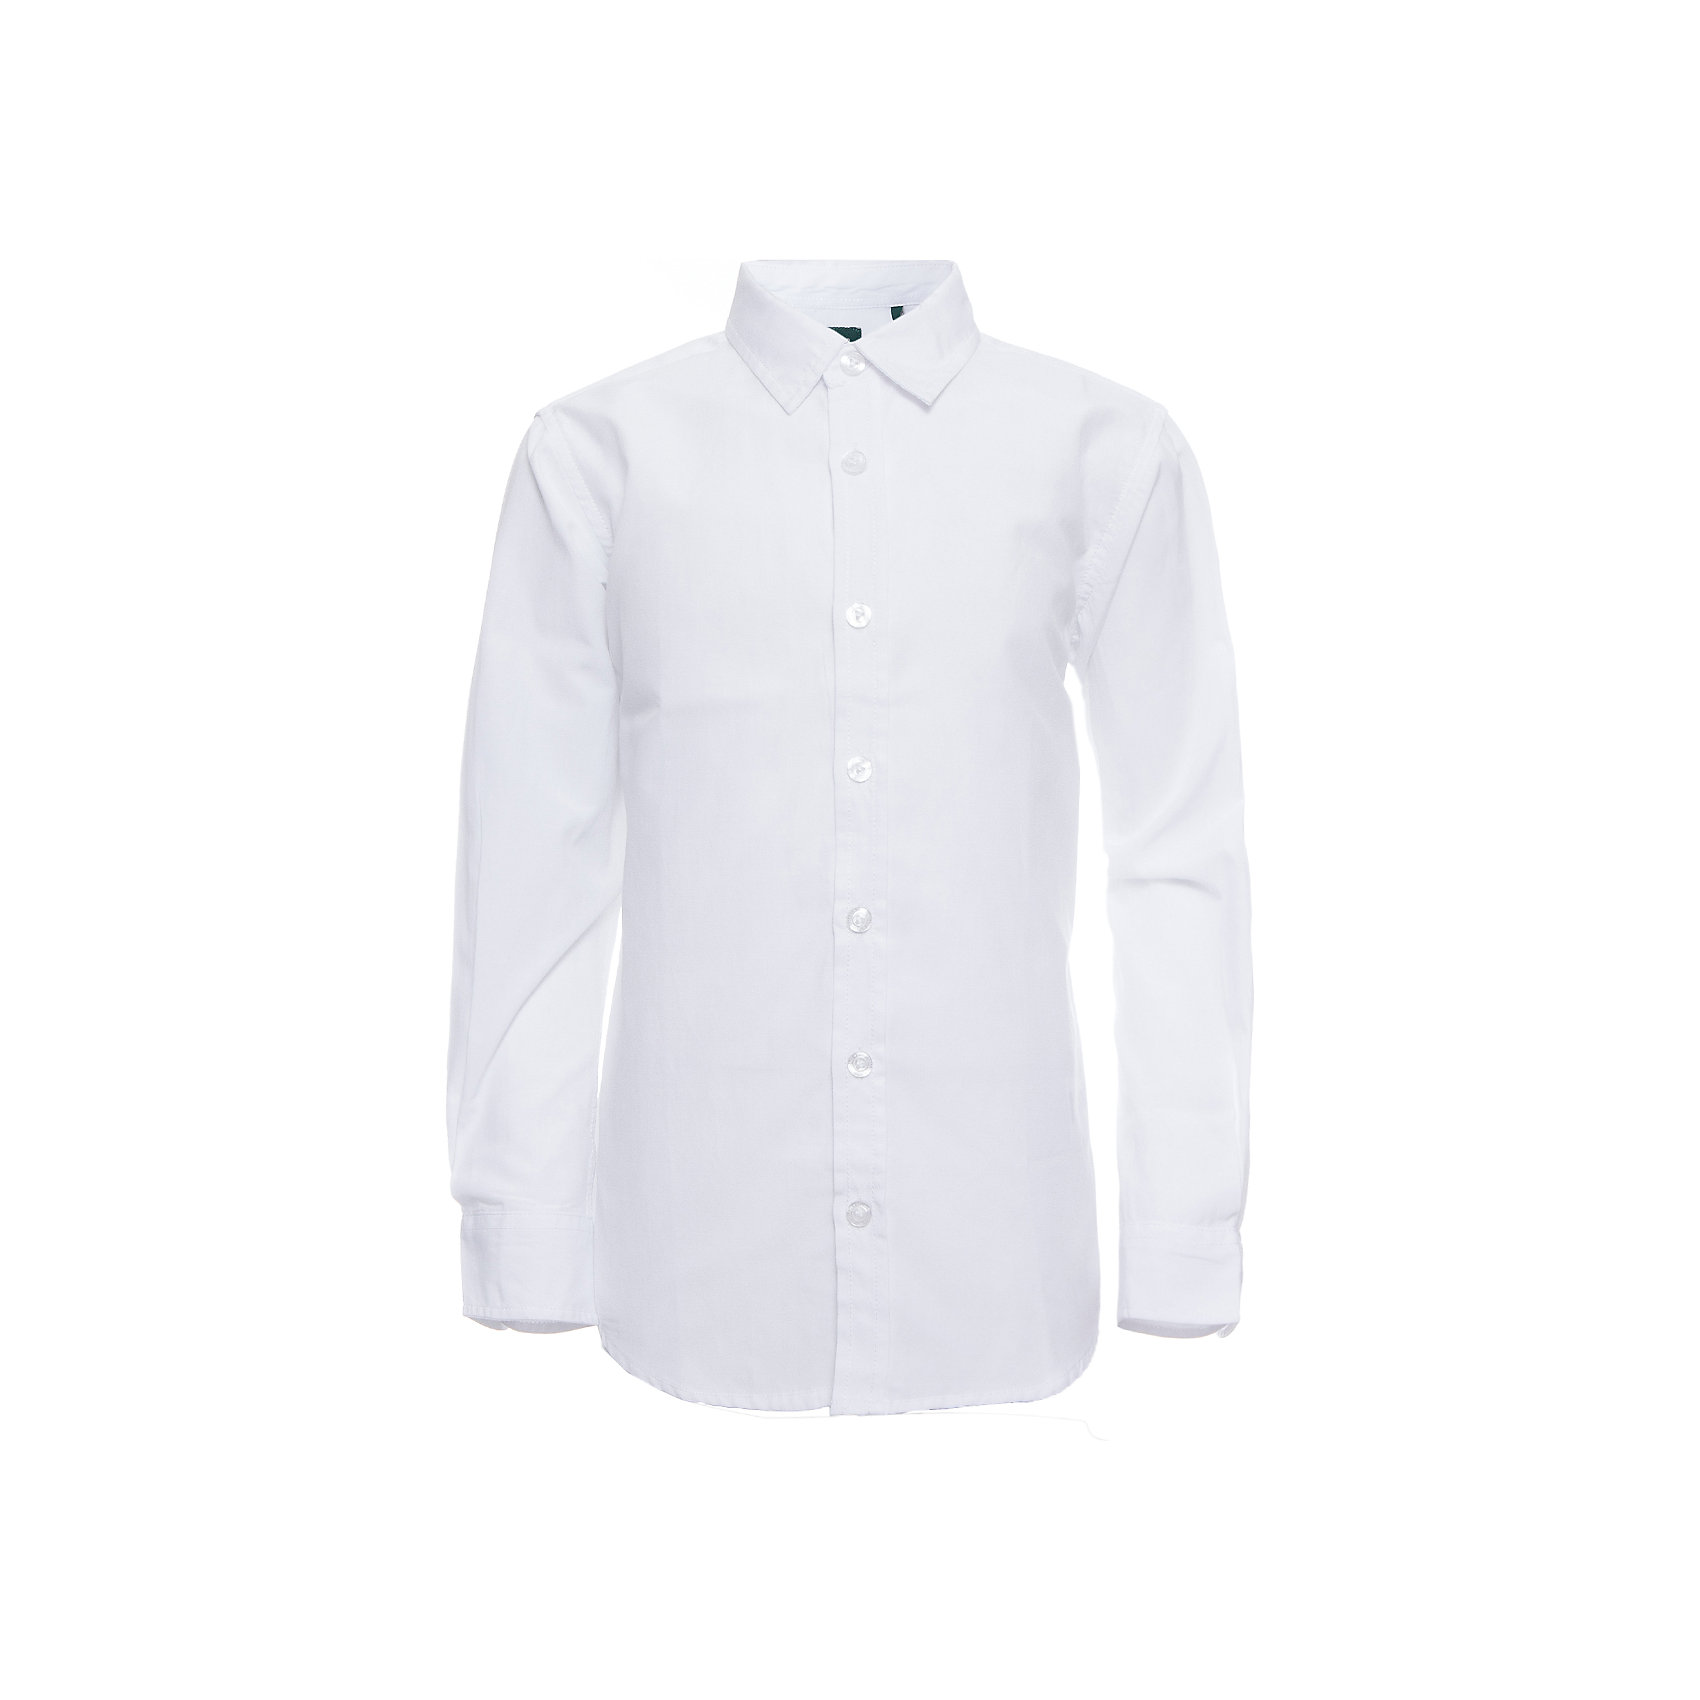 Рубашка SELA для мальчикаБлузки и рубашки<br>Характеристики товара:<br><br>• цвет: белый;<br>• состав: 60% хлопок, 40% полиэстер;<br>• сезон: круглый год;<br>• особенности: повседневная, школьная;<br>• застежка: пуговицы;<br>• манжеты на пуговицах;<br>• с длинным рукавом;<br>• страна бренда: Россия;<br>• страна изготовитель: Китай.<br><br>Школьная рубашка с длинным рукавом для мальчика. Классическая белая рубашка с воротником застегивается на пуговицы. Манжеты застегиваются на две пуговицы.<br><br>Рубашку Sela (Села) для мальчика можно купить в нашем интернет-магазине.<br><br>Ширина мм: 174<br>Глубина мм: 10<br>Высота мм: 169<br>Вес г: 157<br>Цвет: белый<br>Возраст от месяцев: 168<br>Возраст до месяцев: 180<br>Пол: Мужской<br>Возраст: Детский<br>Размер: 170,122,128,134,140,146,152,158,164<br>SKU: 7009771